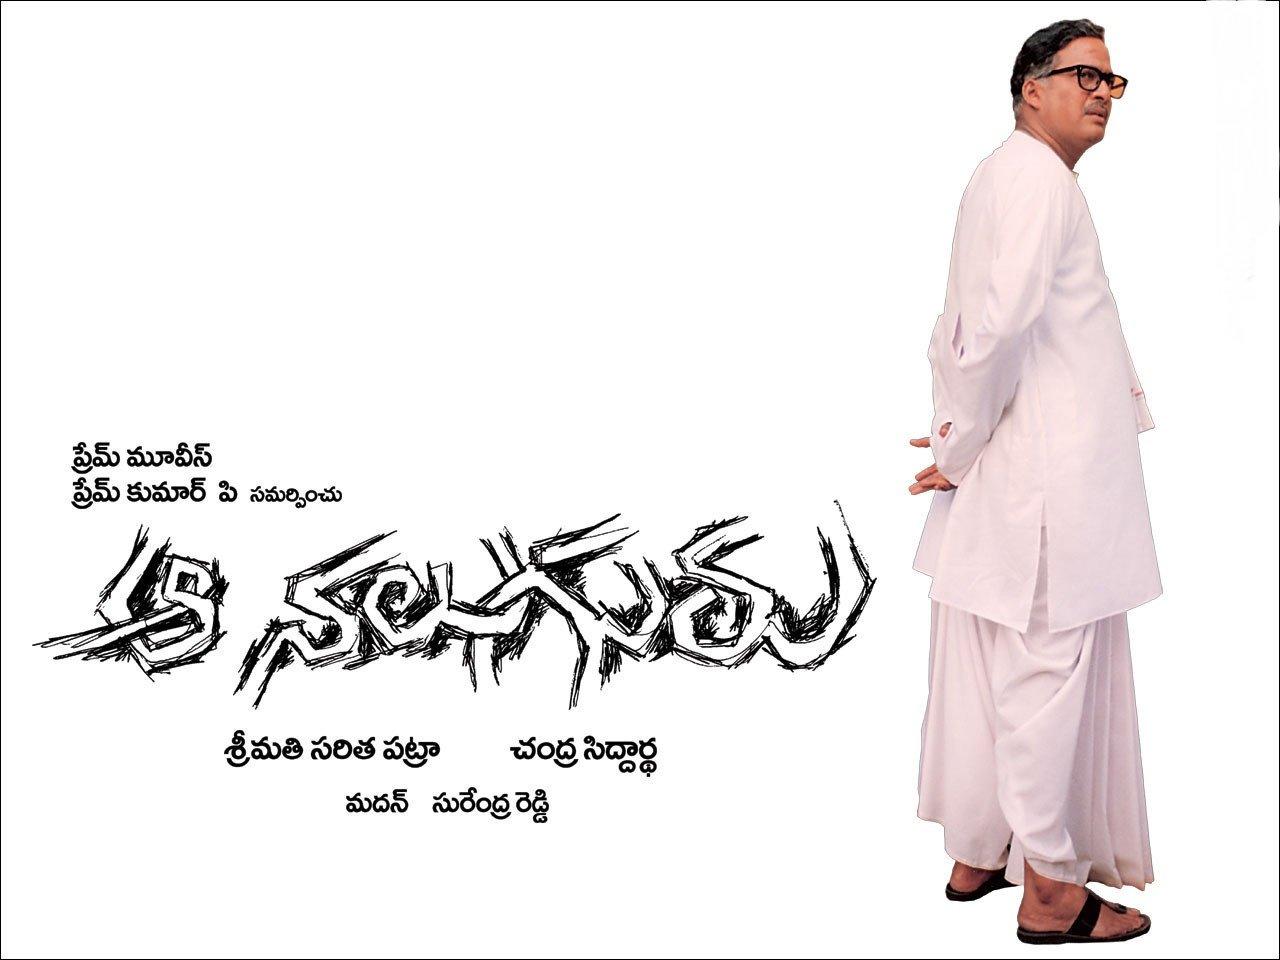 فیلم سینمایی Aa Naluguru با حضور Rajendraprasad